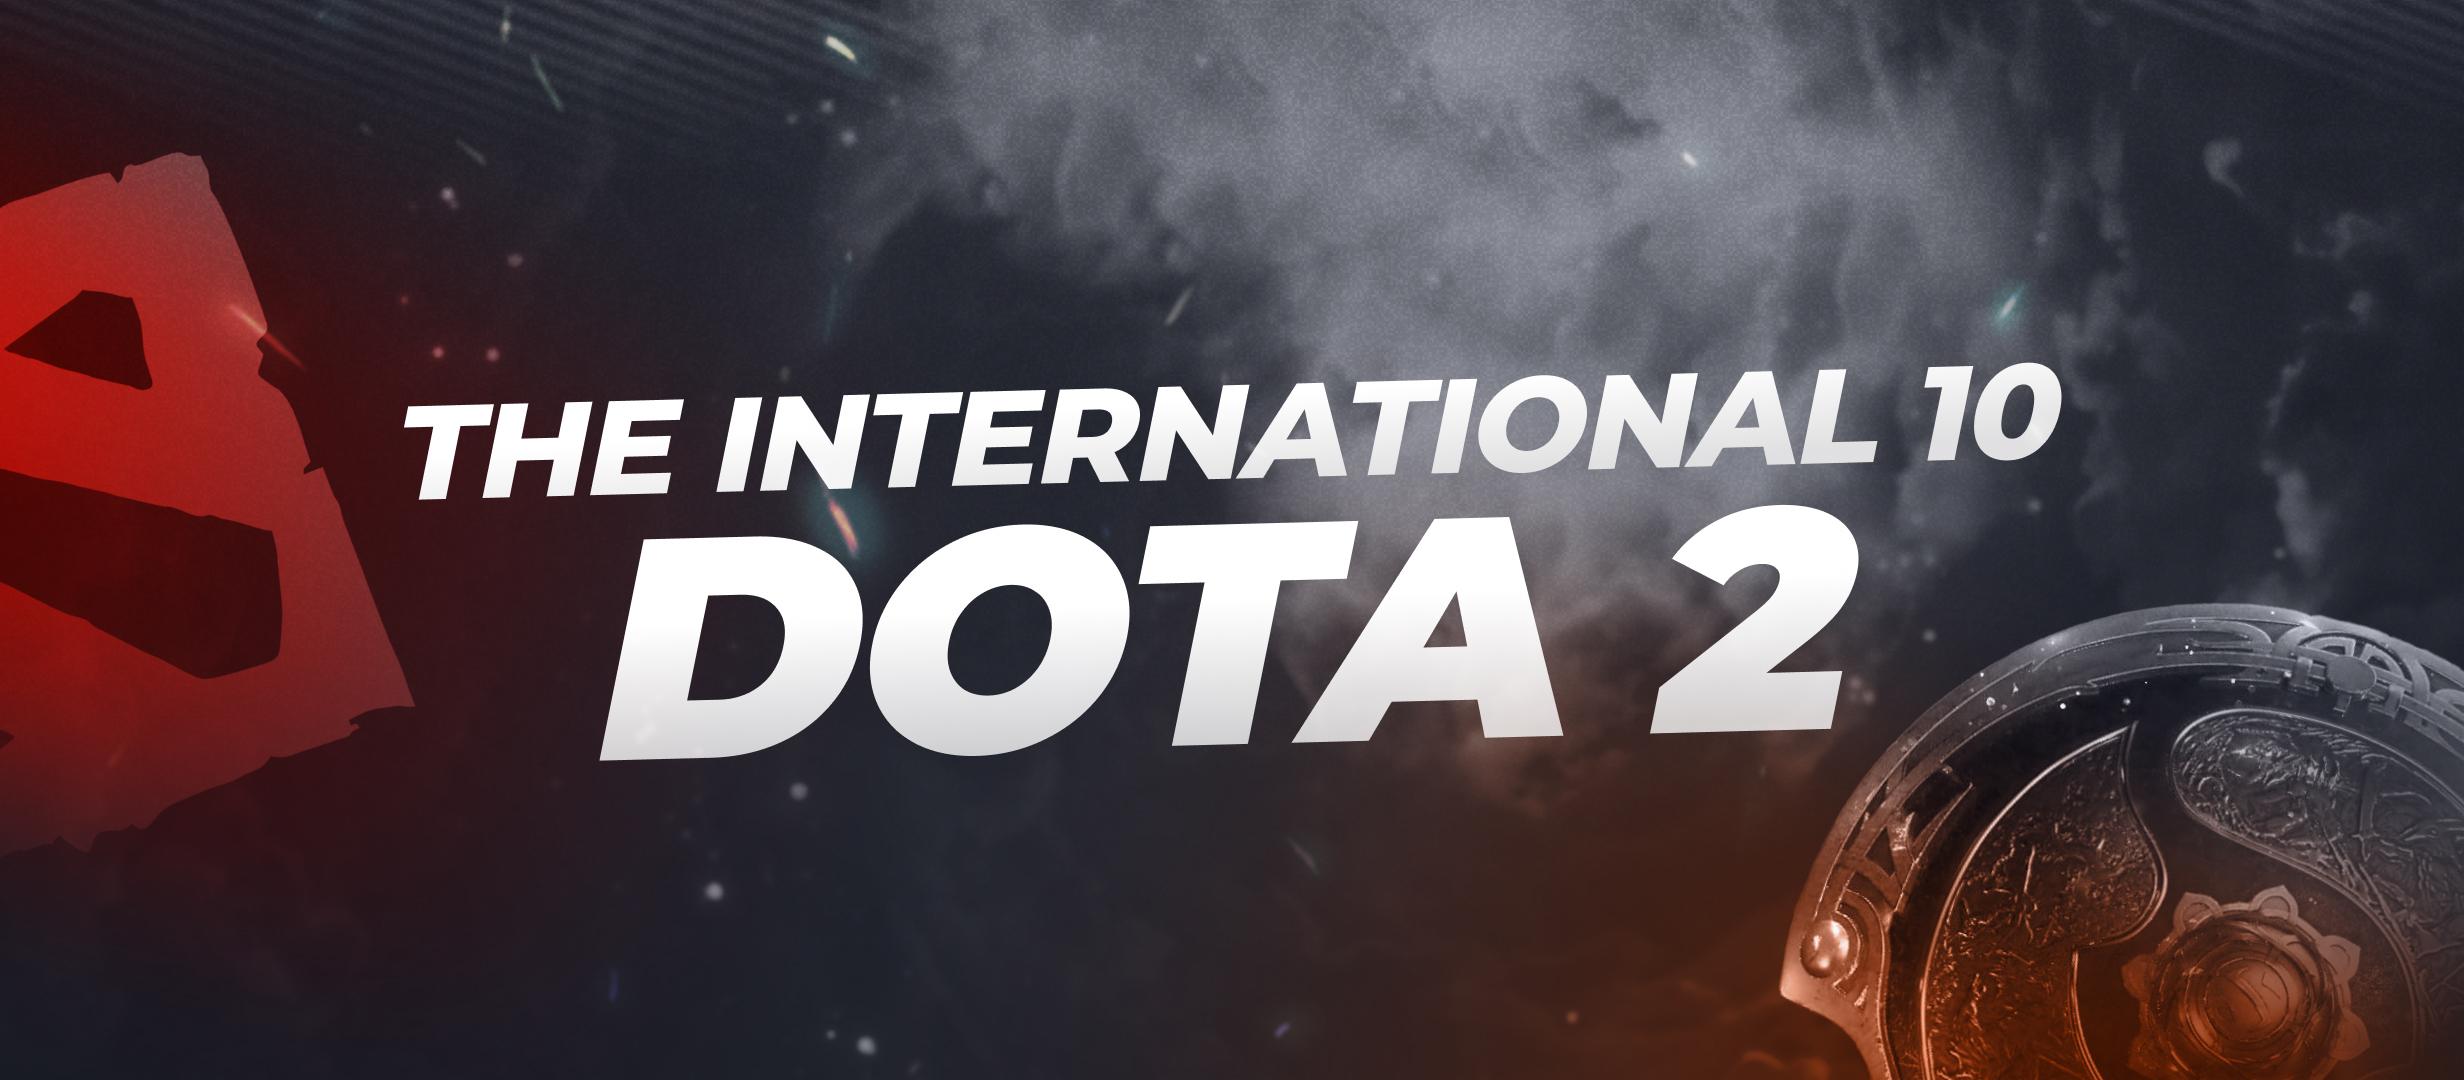 Гайд по The International 2021: где смотреть матчи, брать статистику, делать ставки